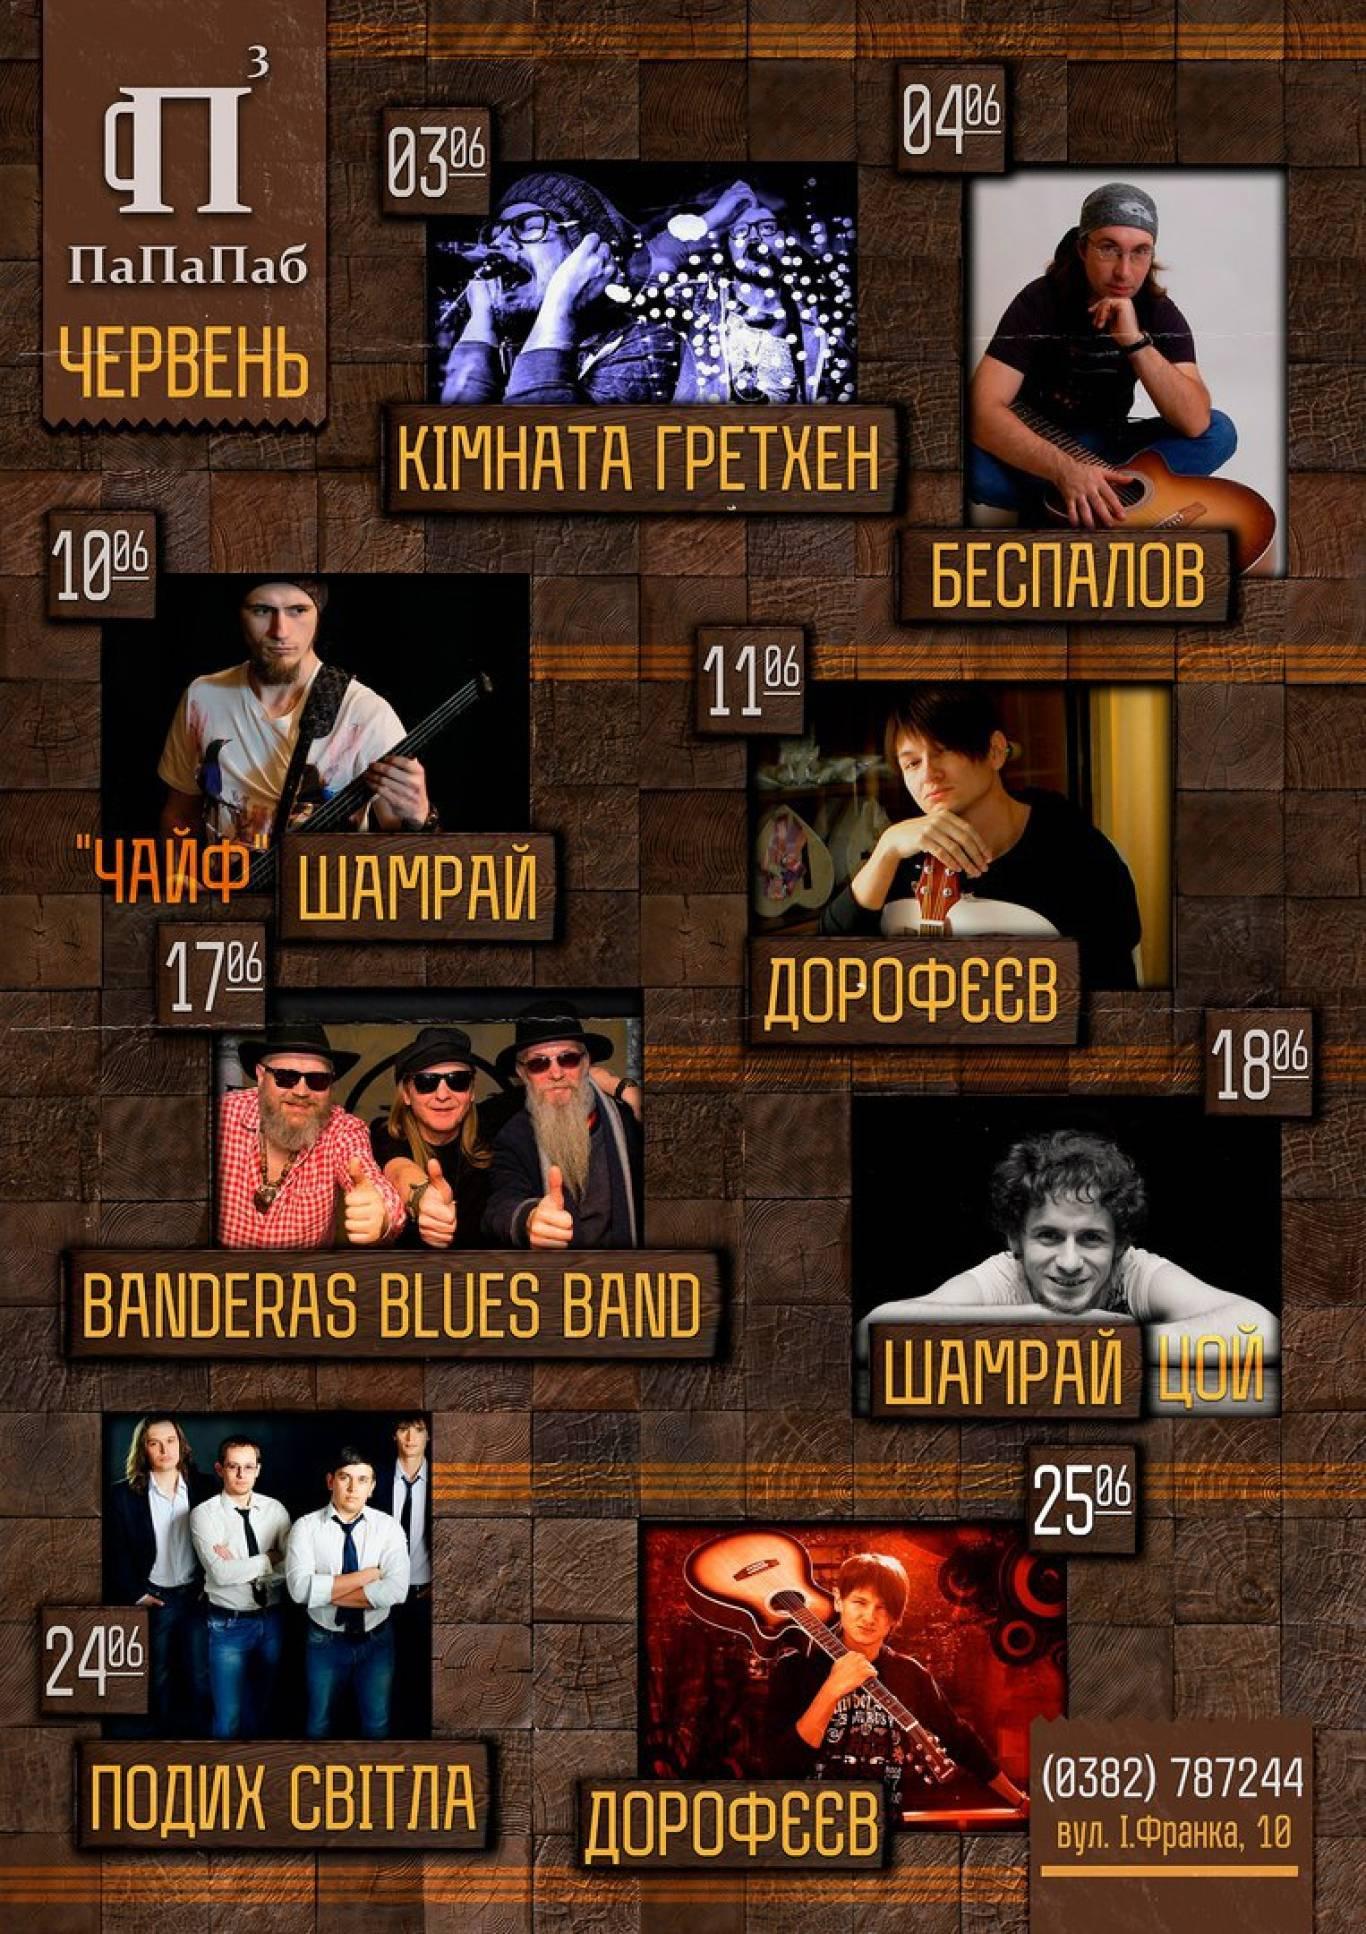 Концерт співака Сіргія Дорофєєва, ПаПаПаб